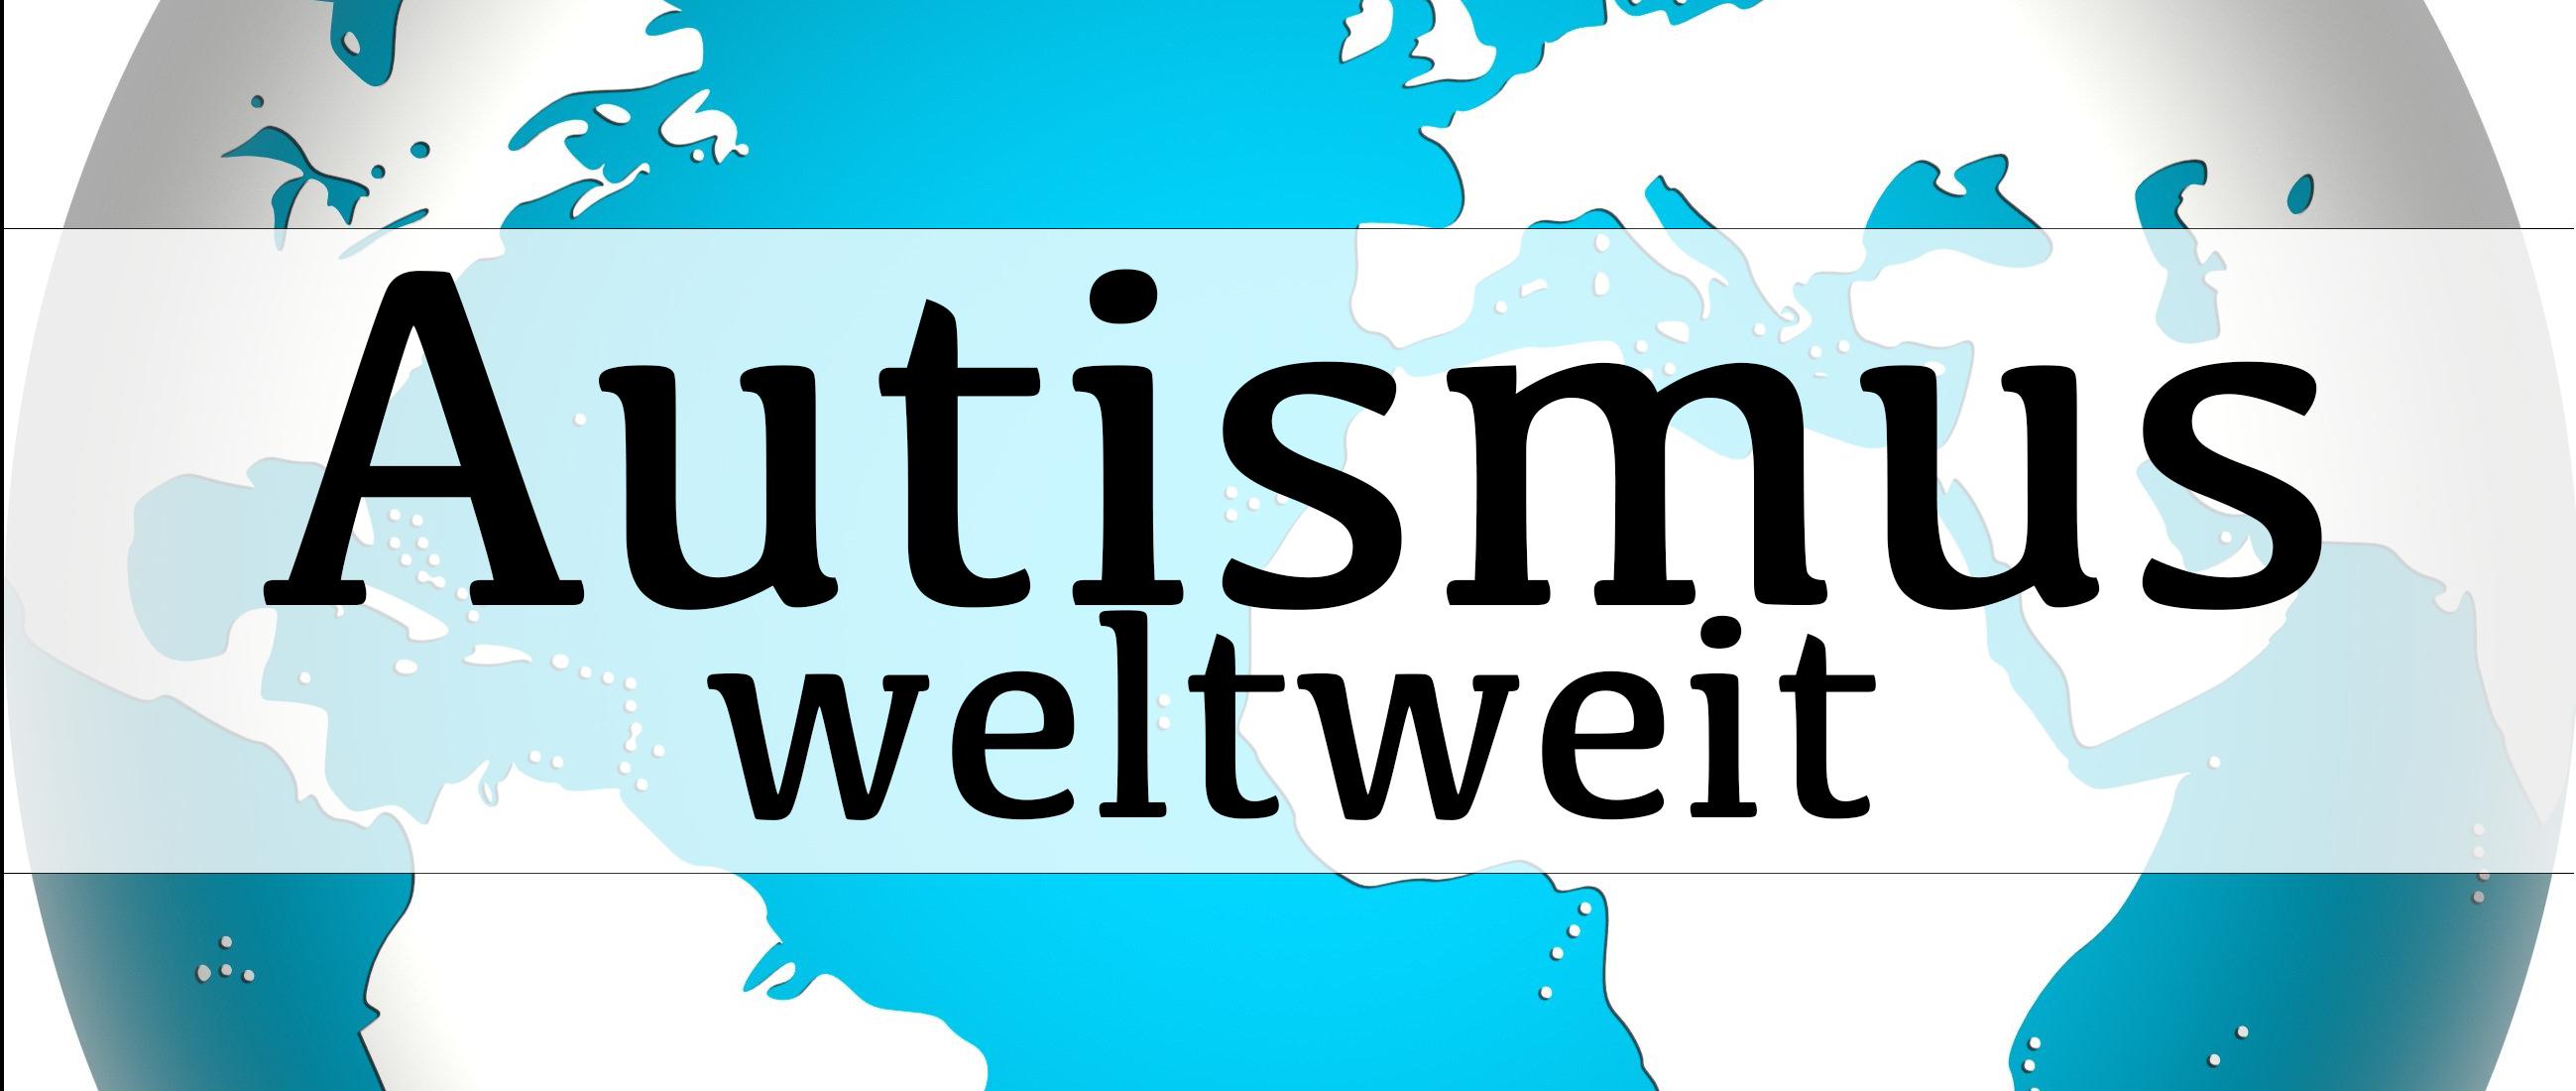 Autismus weltweit